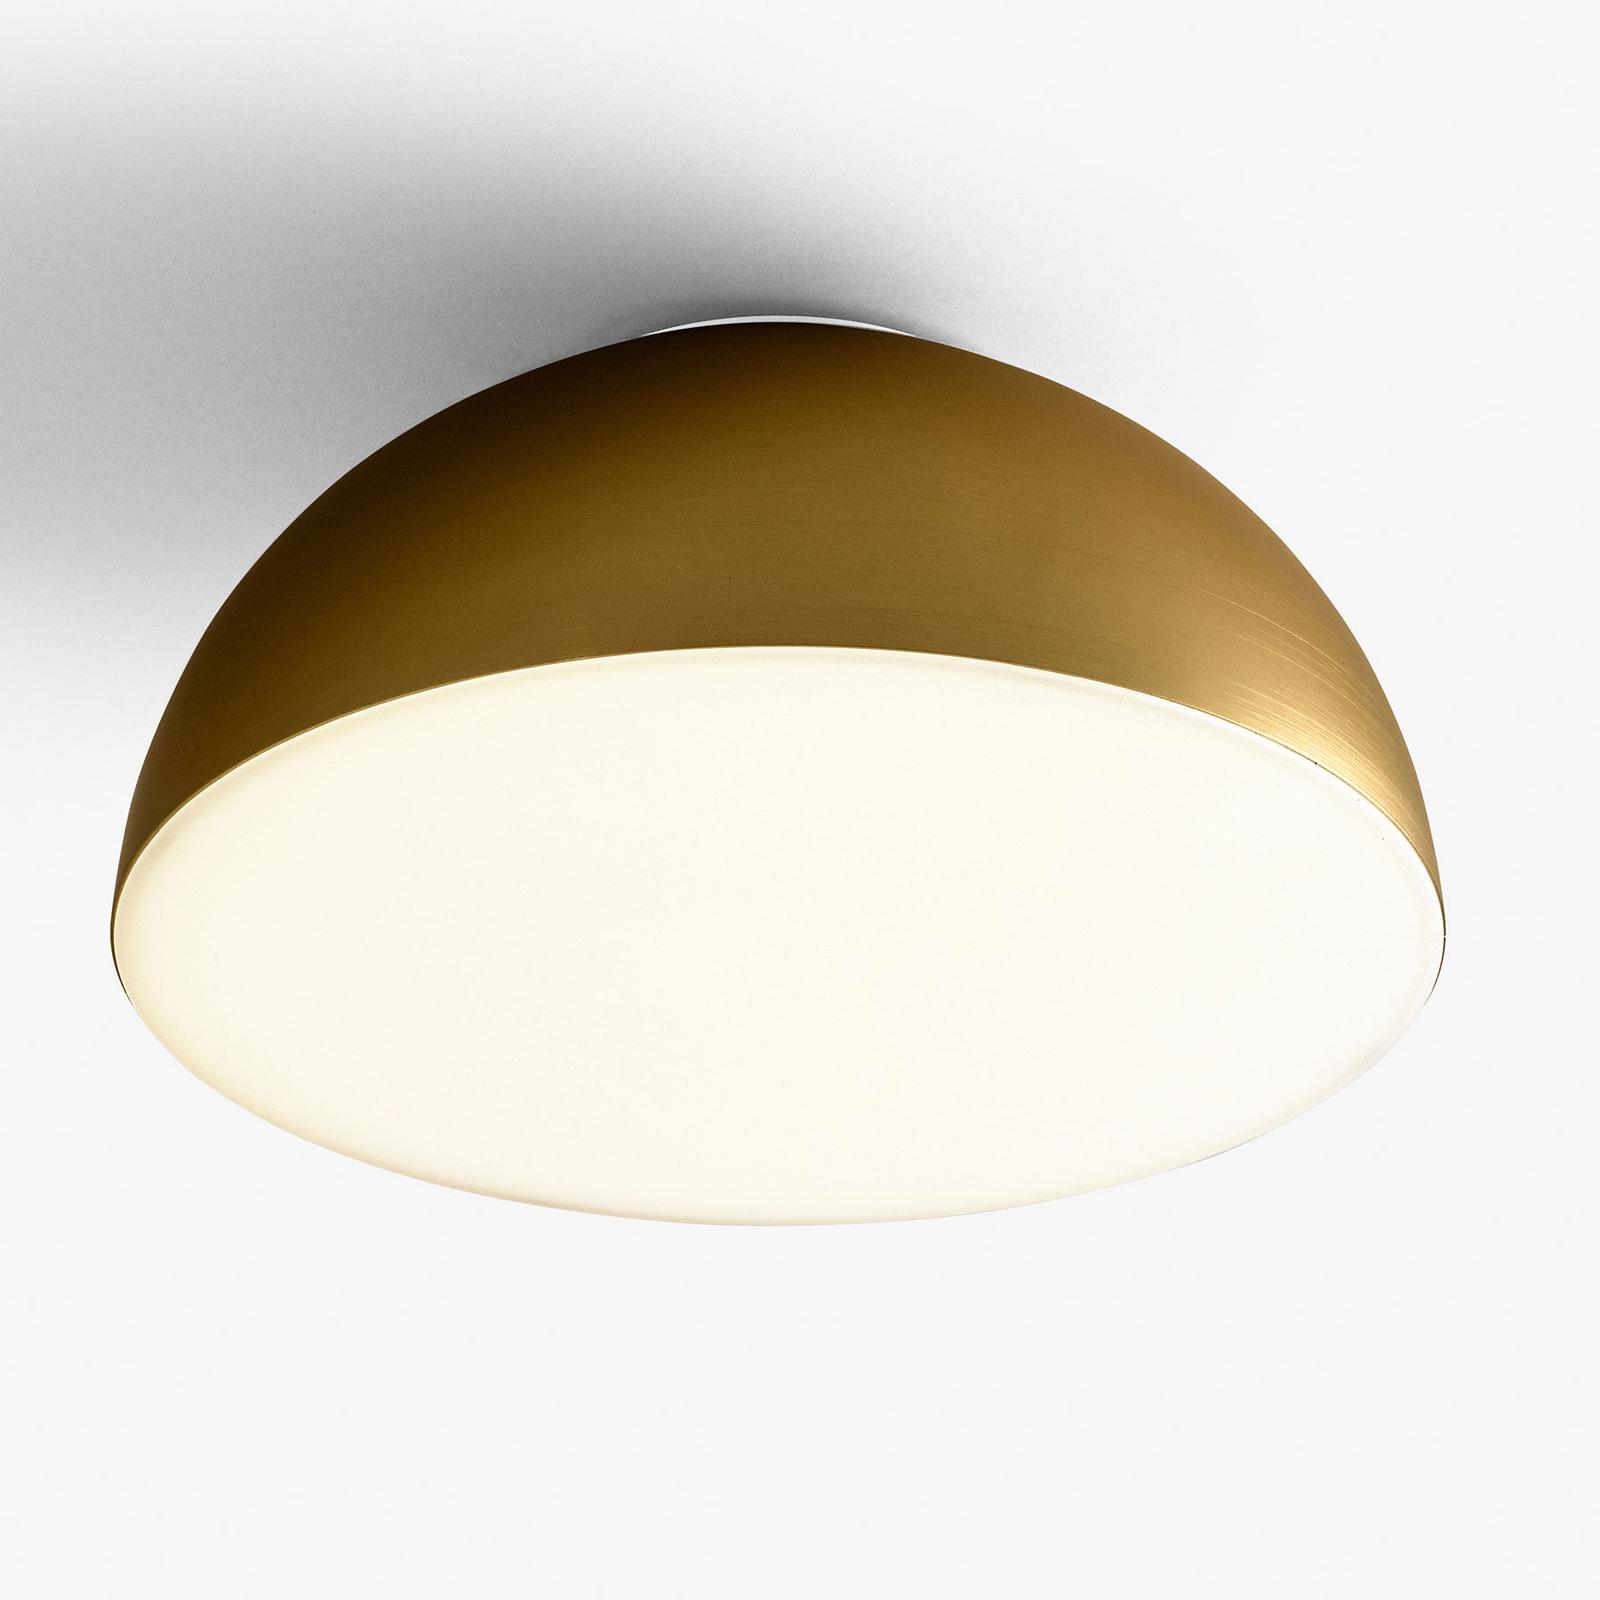 &Tradition Passepartout JH12 loftlampe, guld